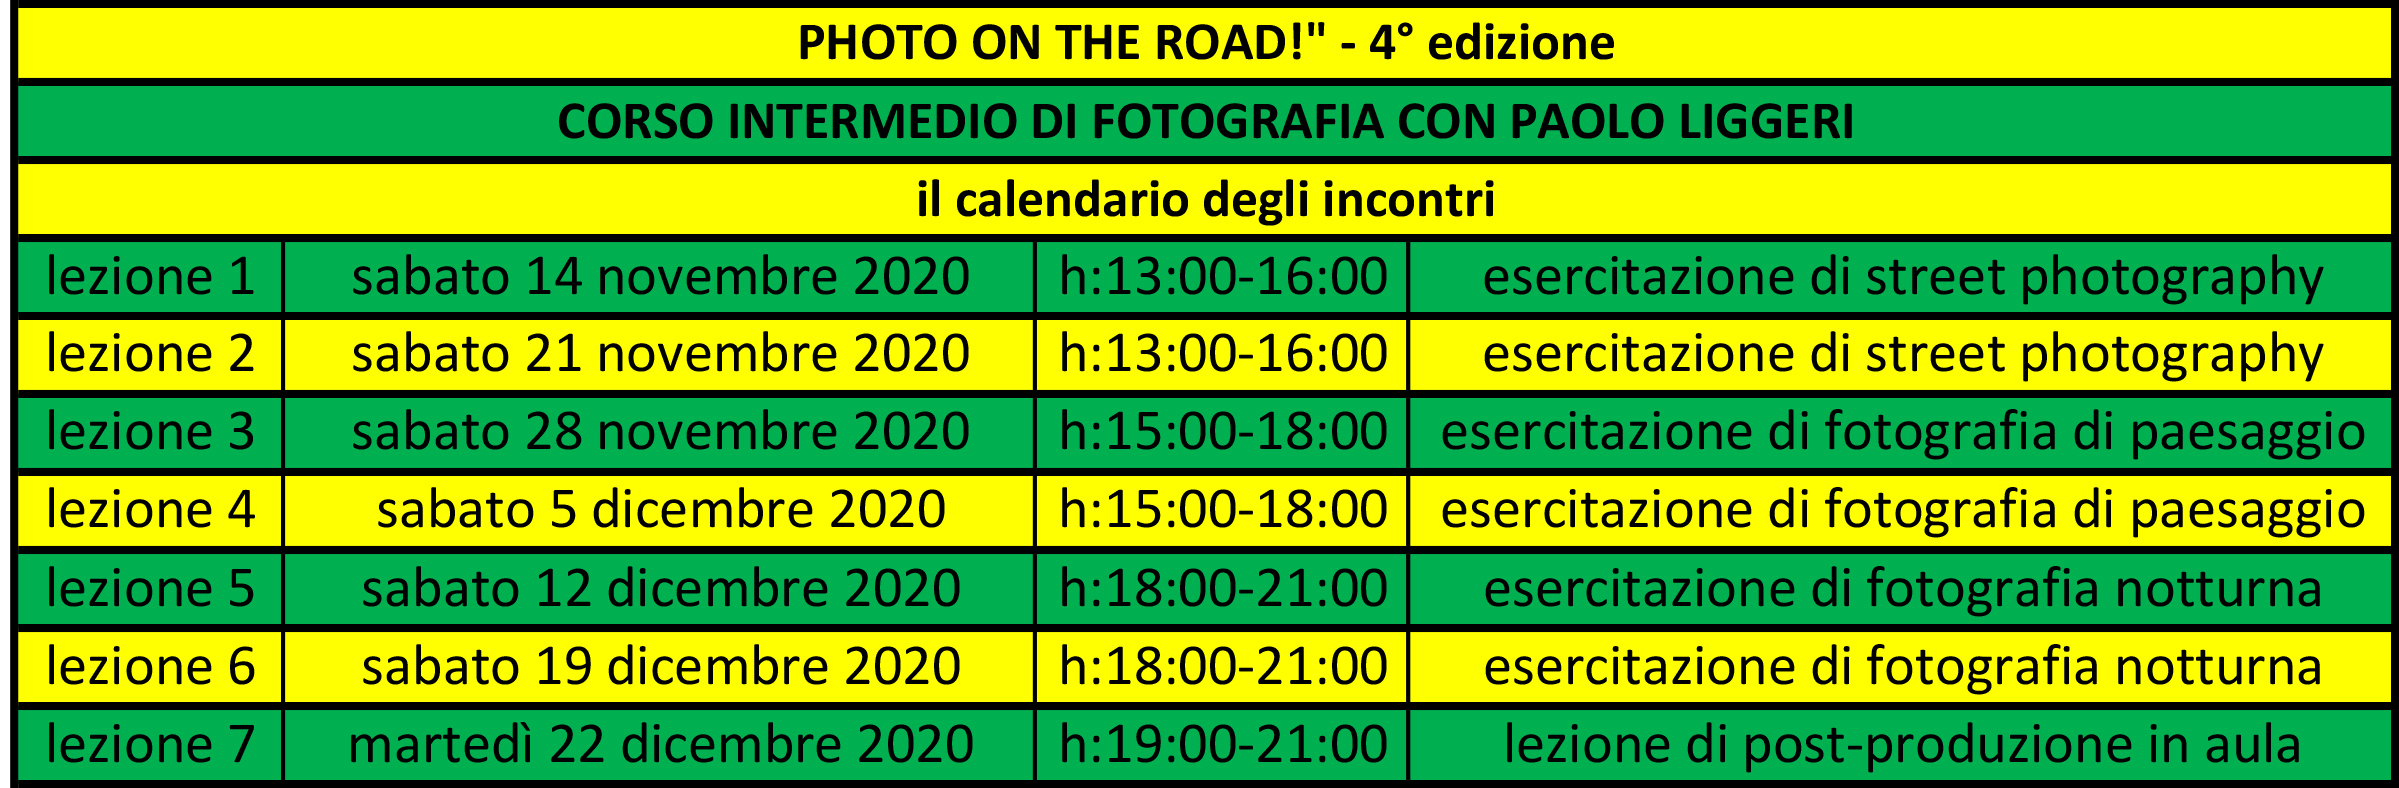 """il calendario del corso intermedio di fotografia """"Photo on the road!"""""""